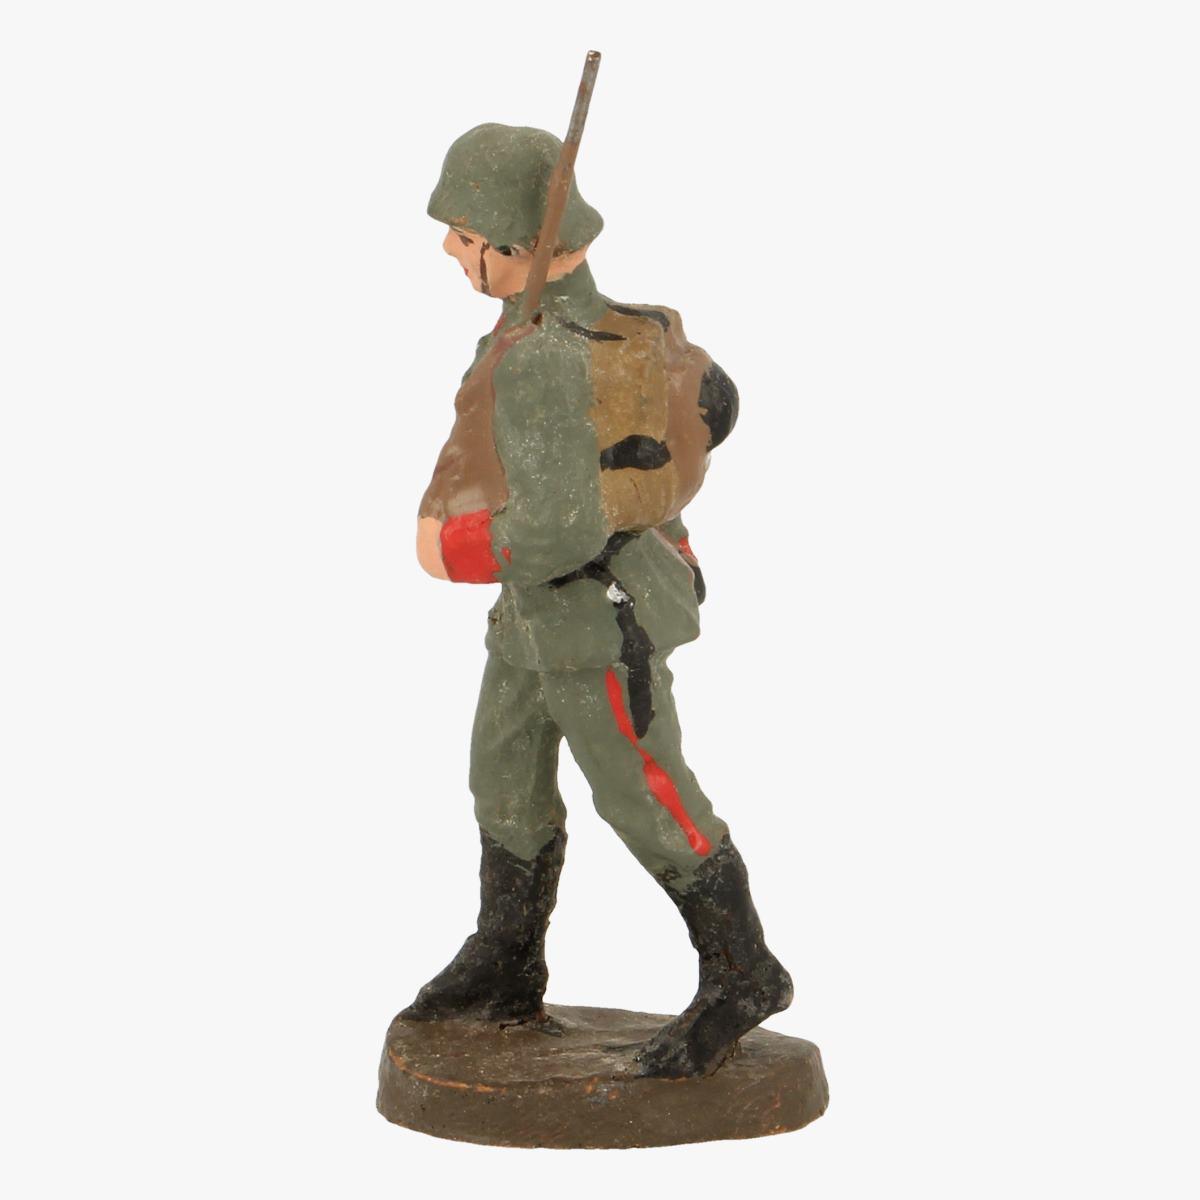 Afbeeldingen van elastolin soldaatje elastolin